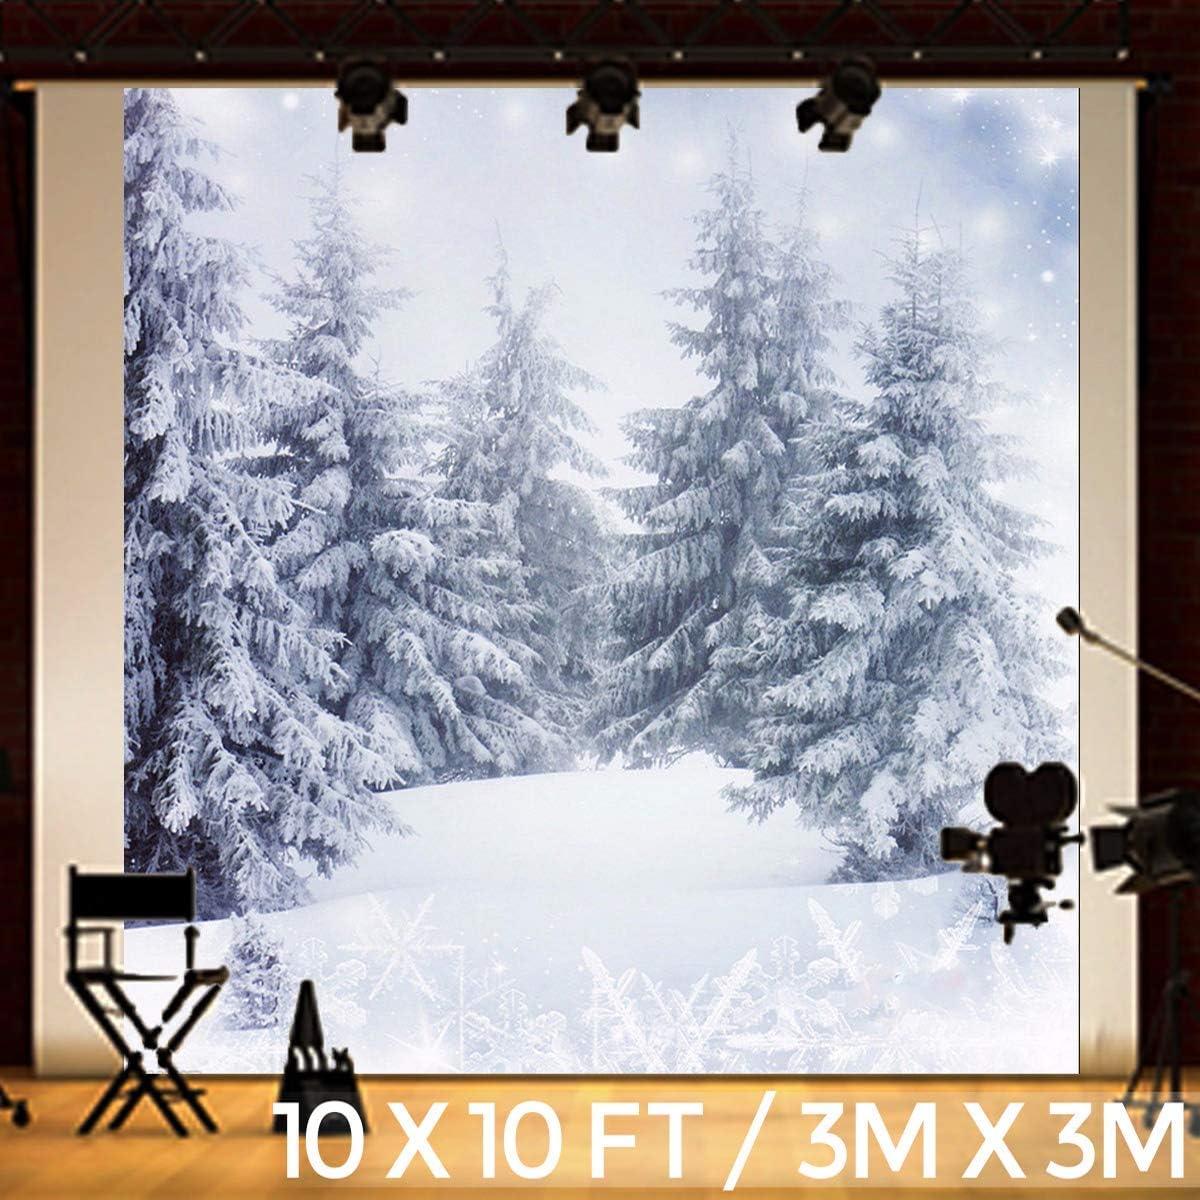 King Do Way Weihnachten Hintergrund Fotografie Kamera